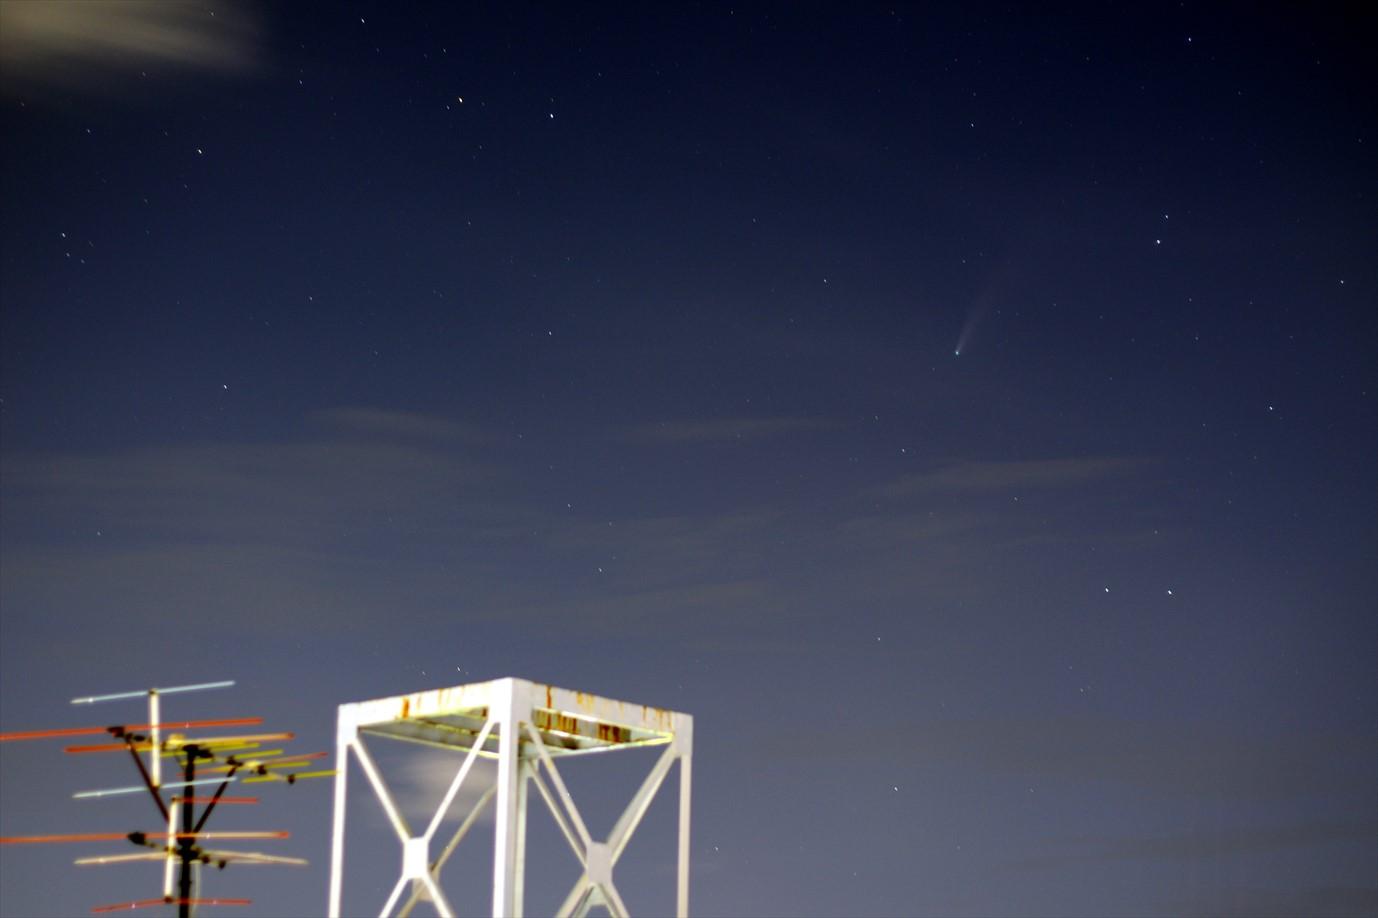 ネオワイズ彗星 2020年7月20日 20:38:30(50mm、f/2、15sec、ISO100)